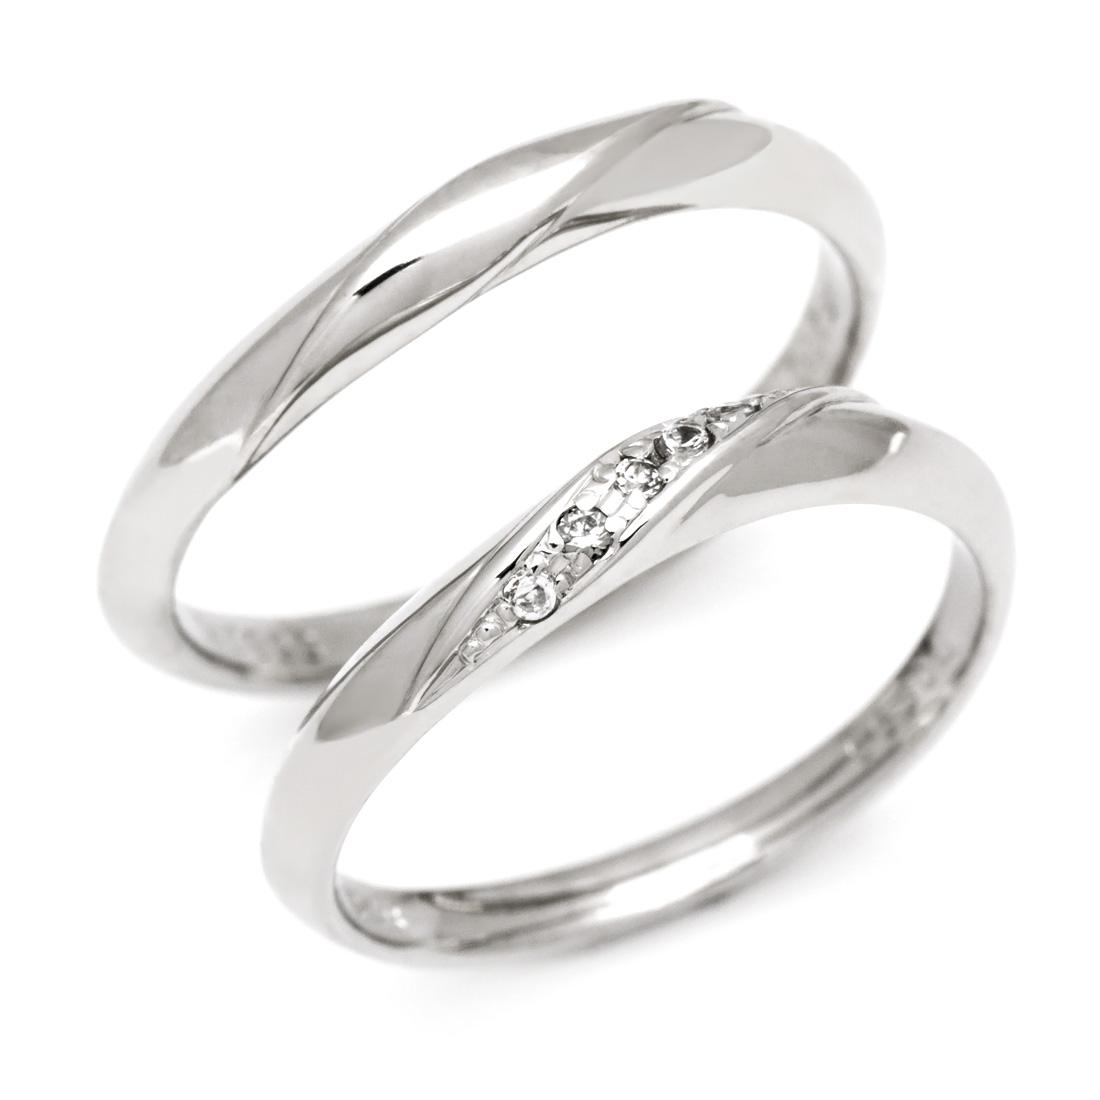 マリッジリング ダイヤモンド 「Silk」 プラチナ900 (レディース:1~20号 メンズ:10~29号)